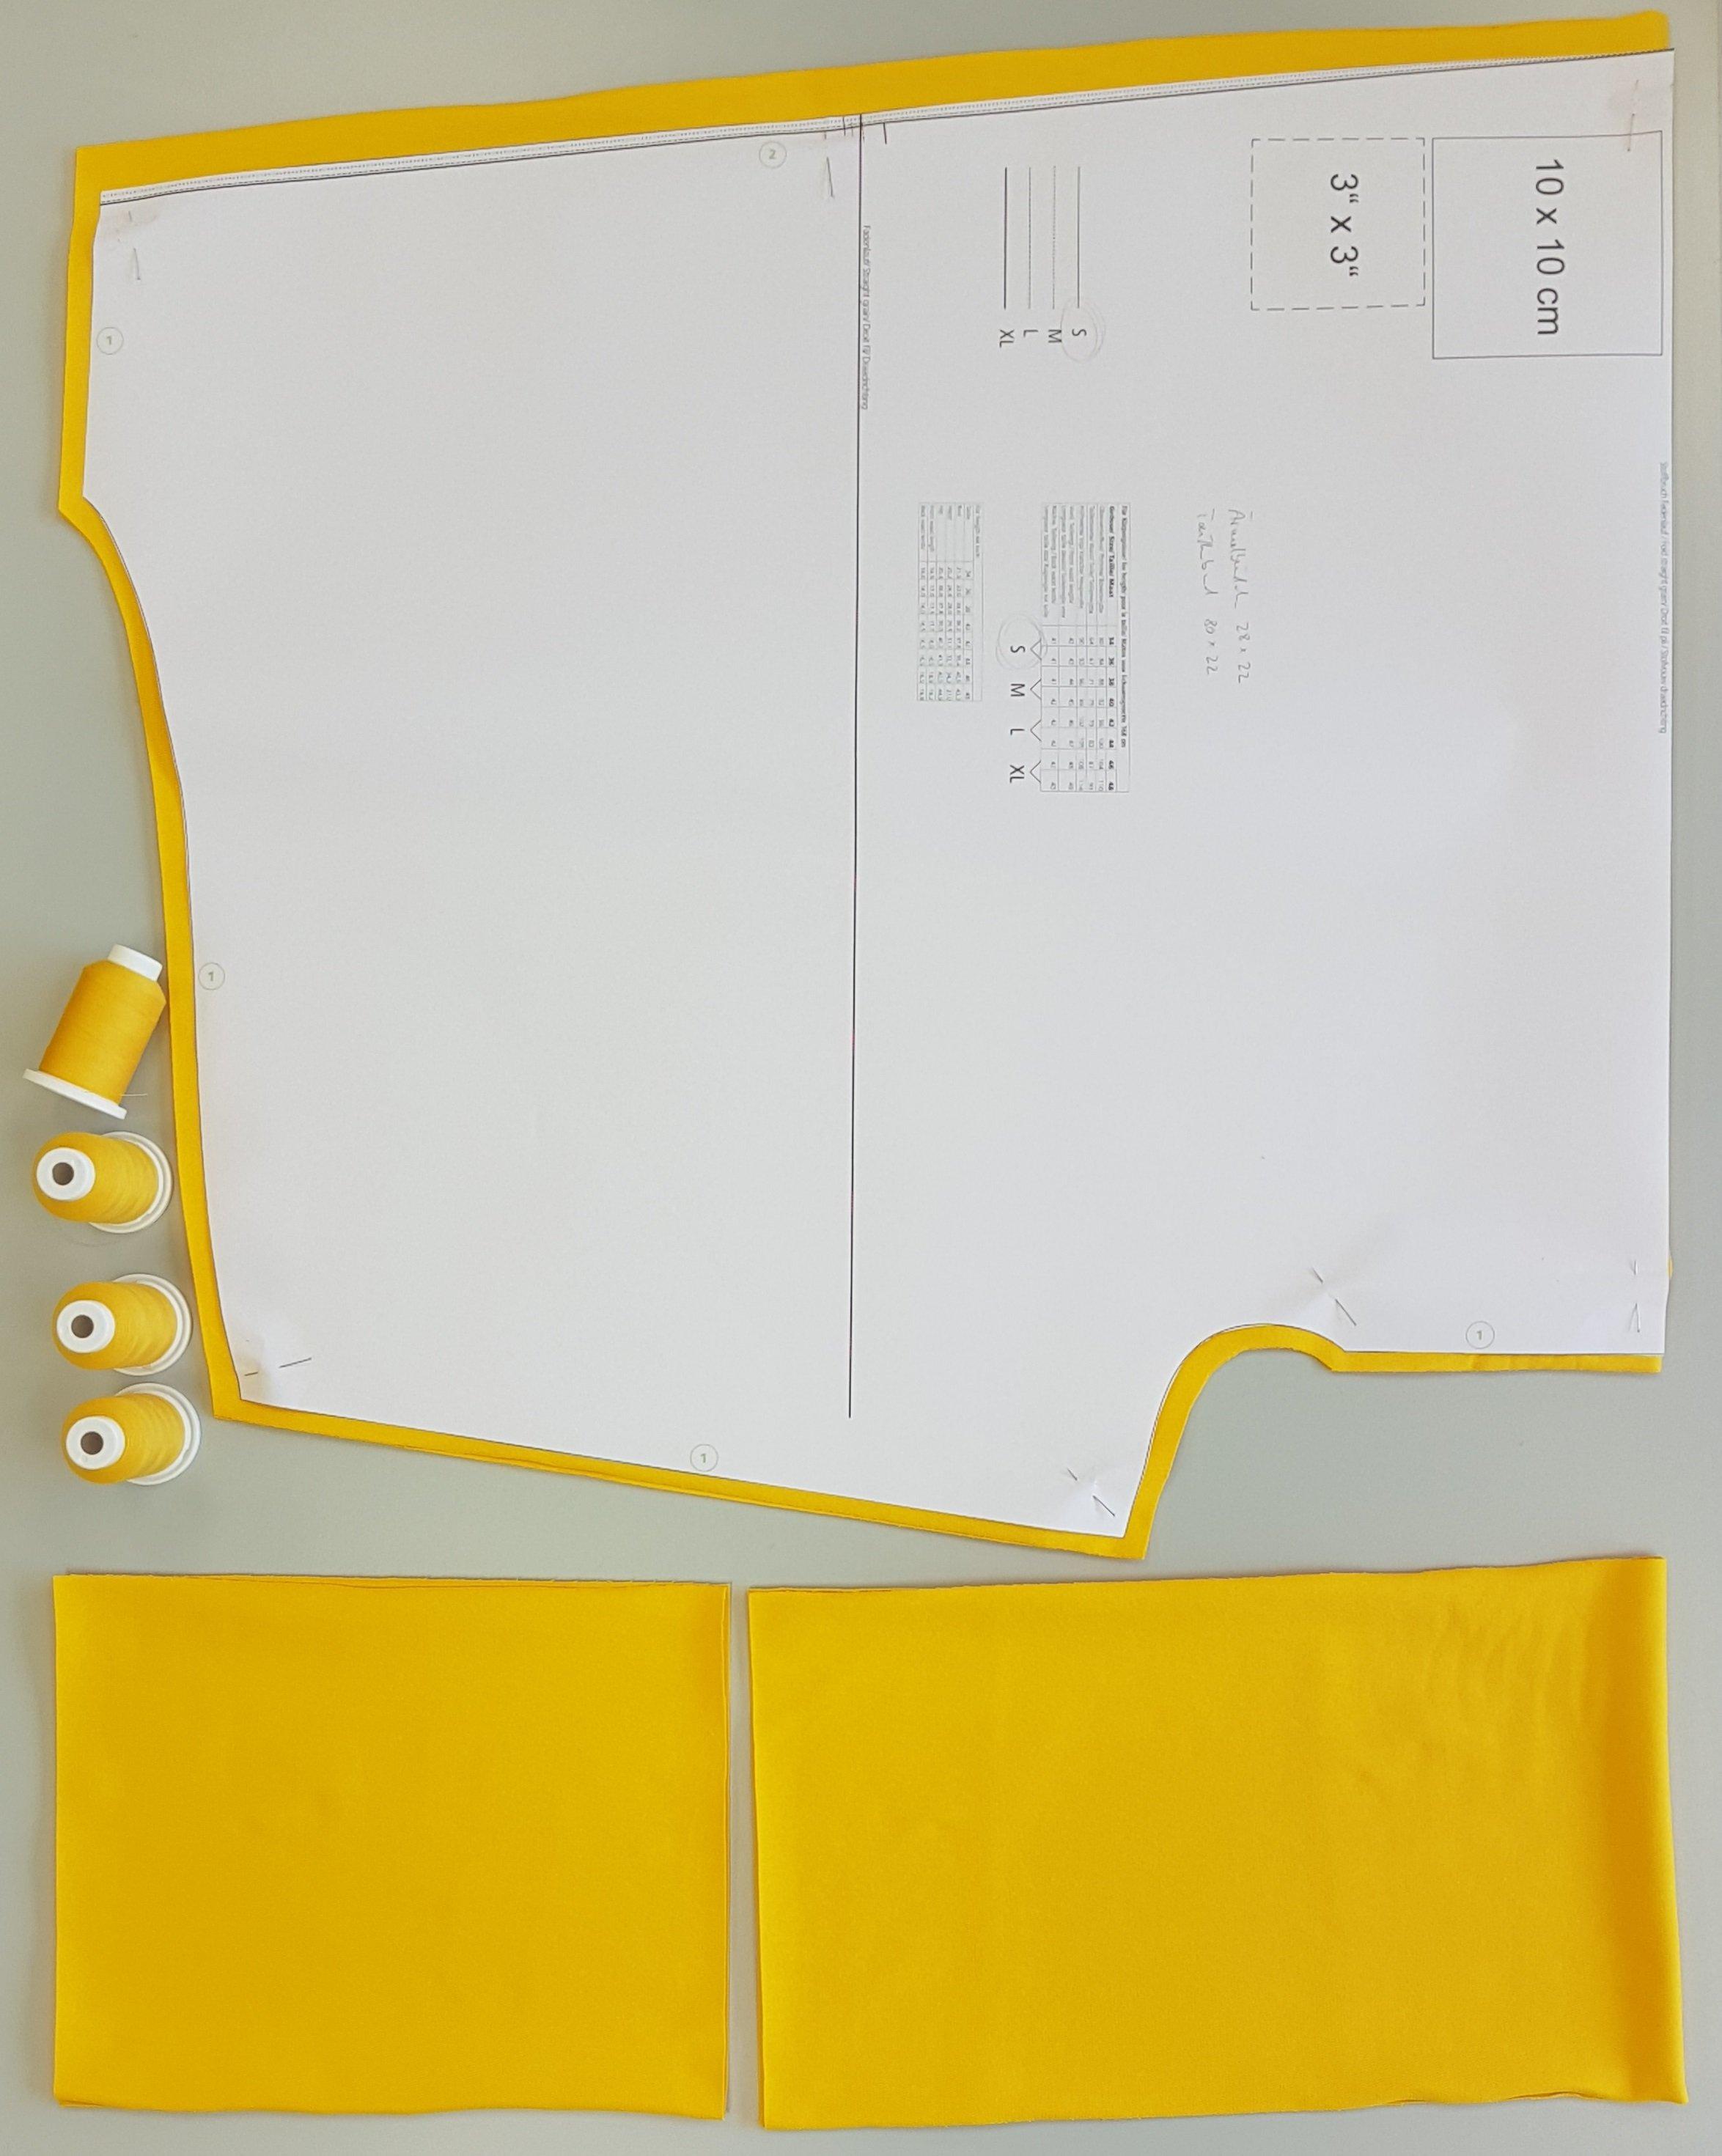 Atemberaubend 34x22 Plakatrahmen Zeitgenössisch - Benutzerdefinierte ...